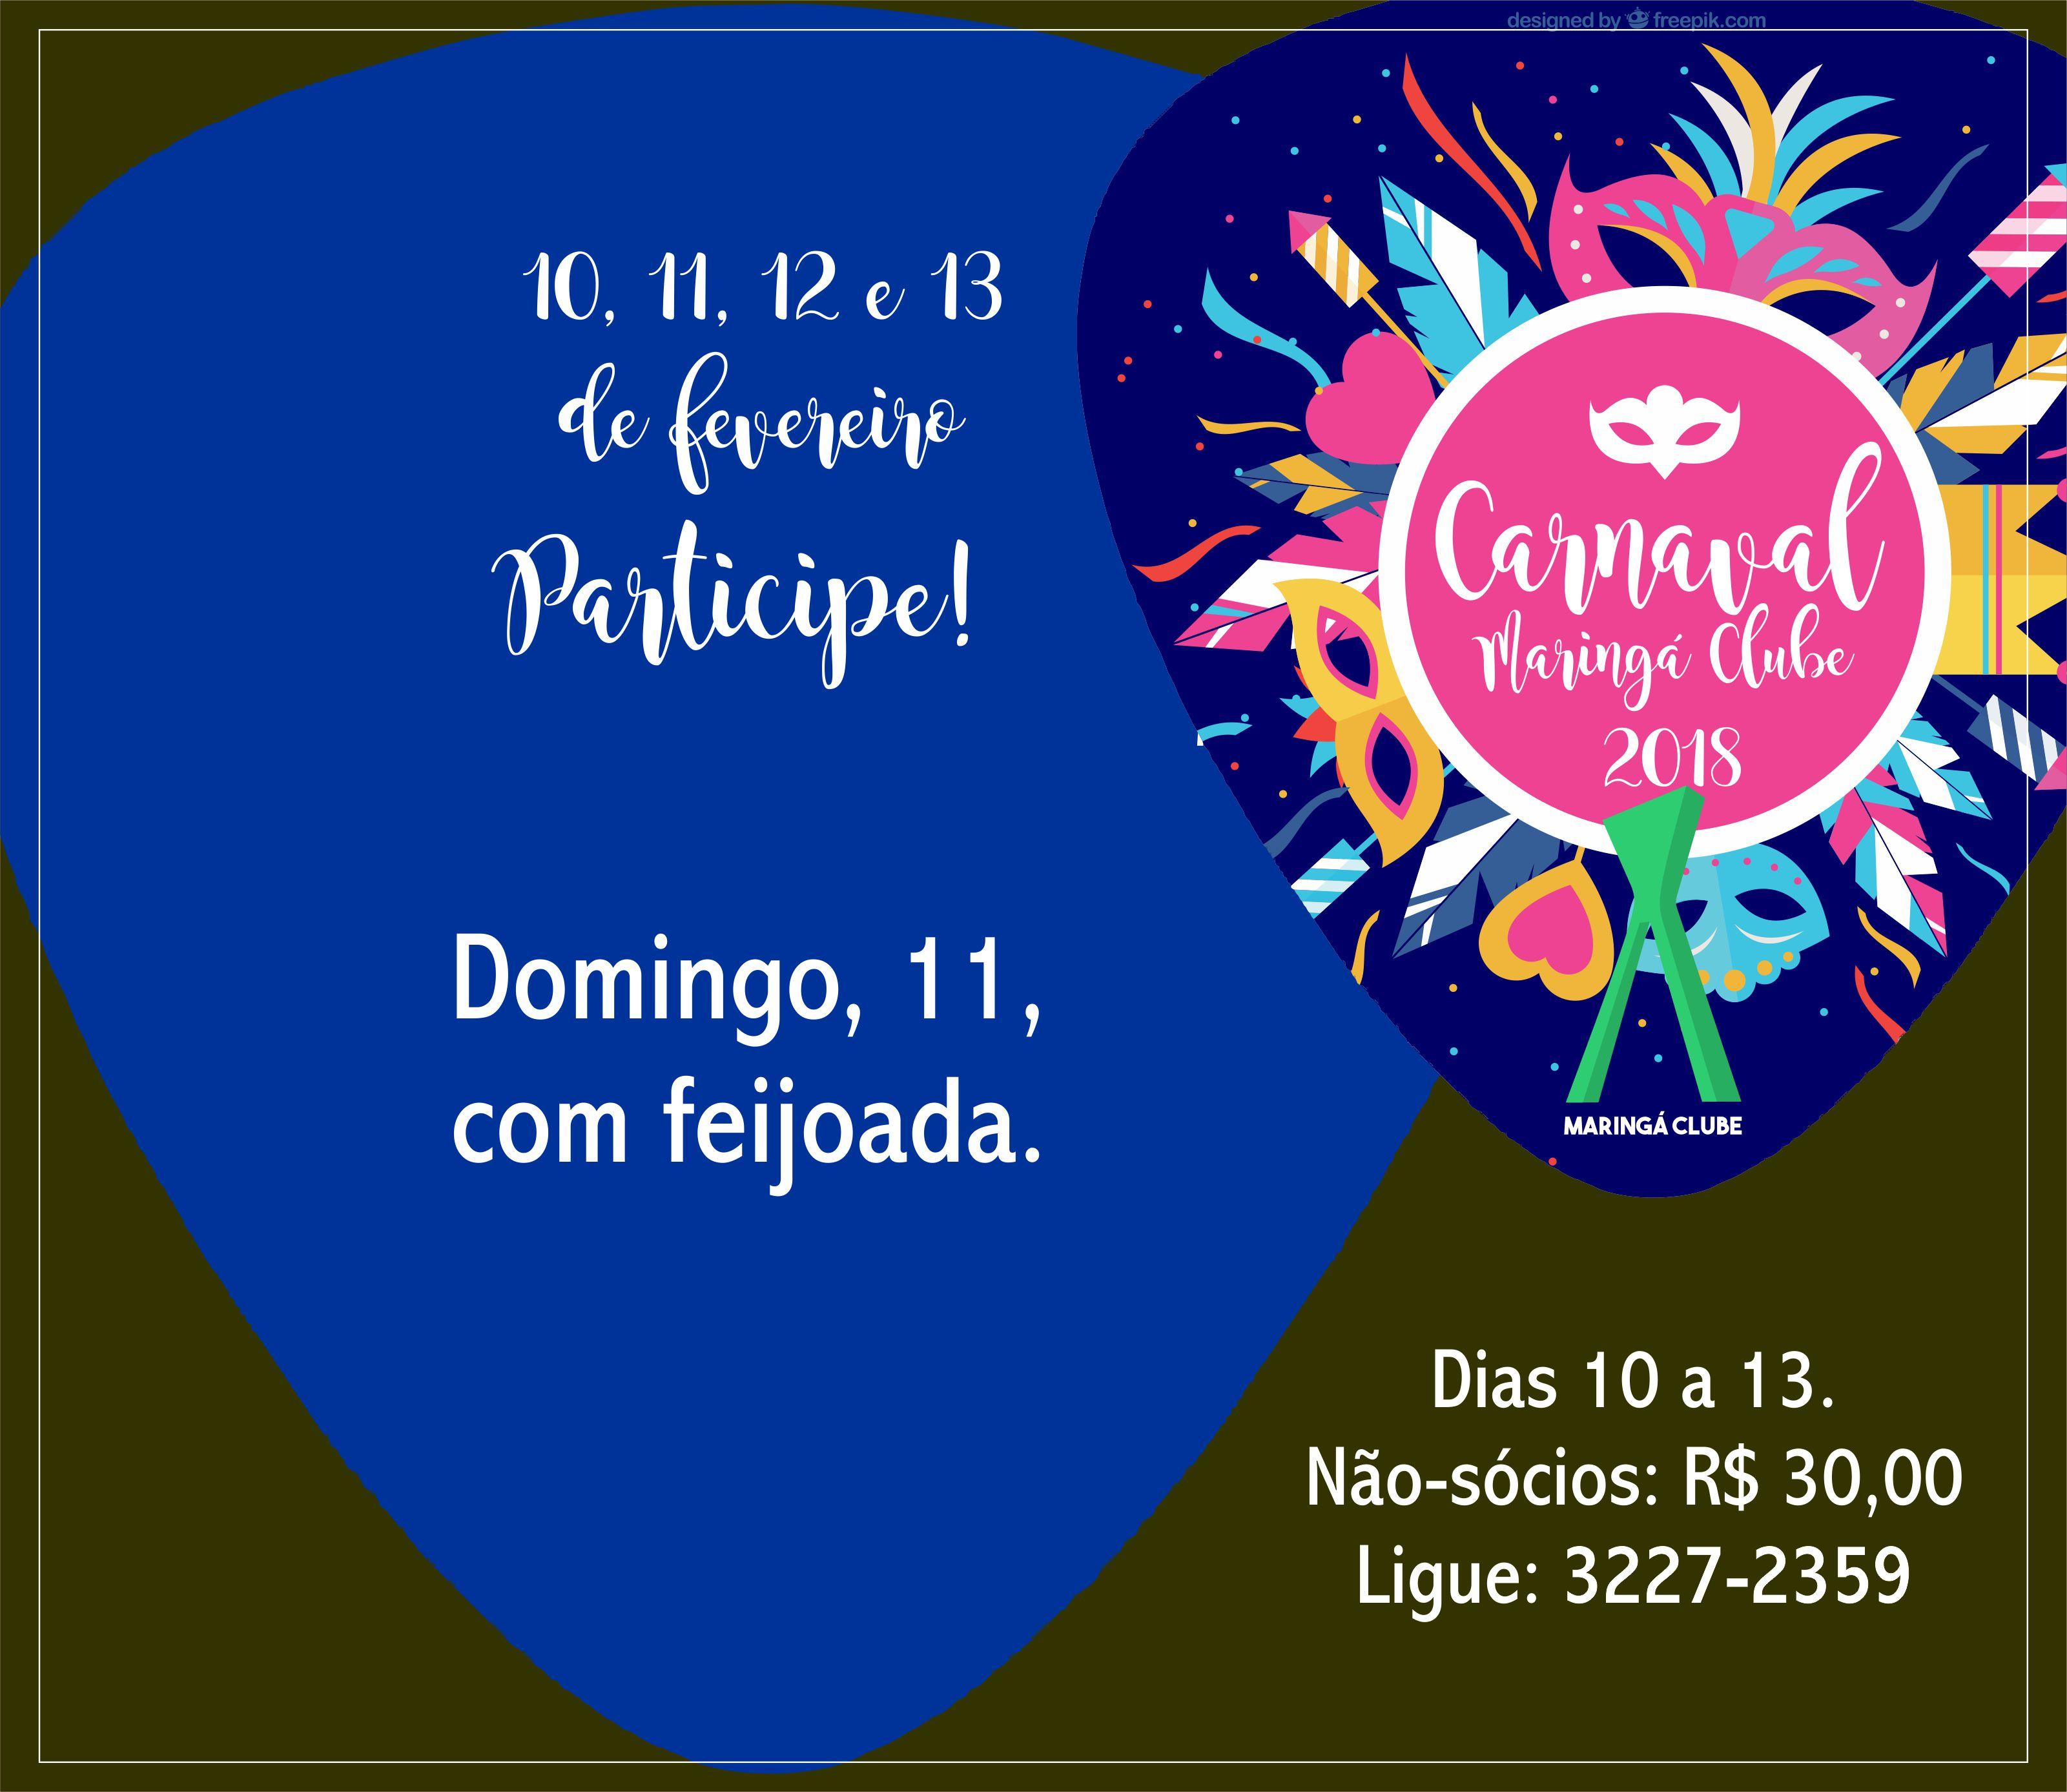 carnaval leque 5 domingo g